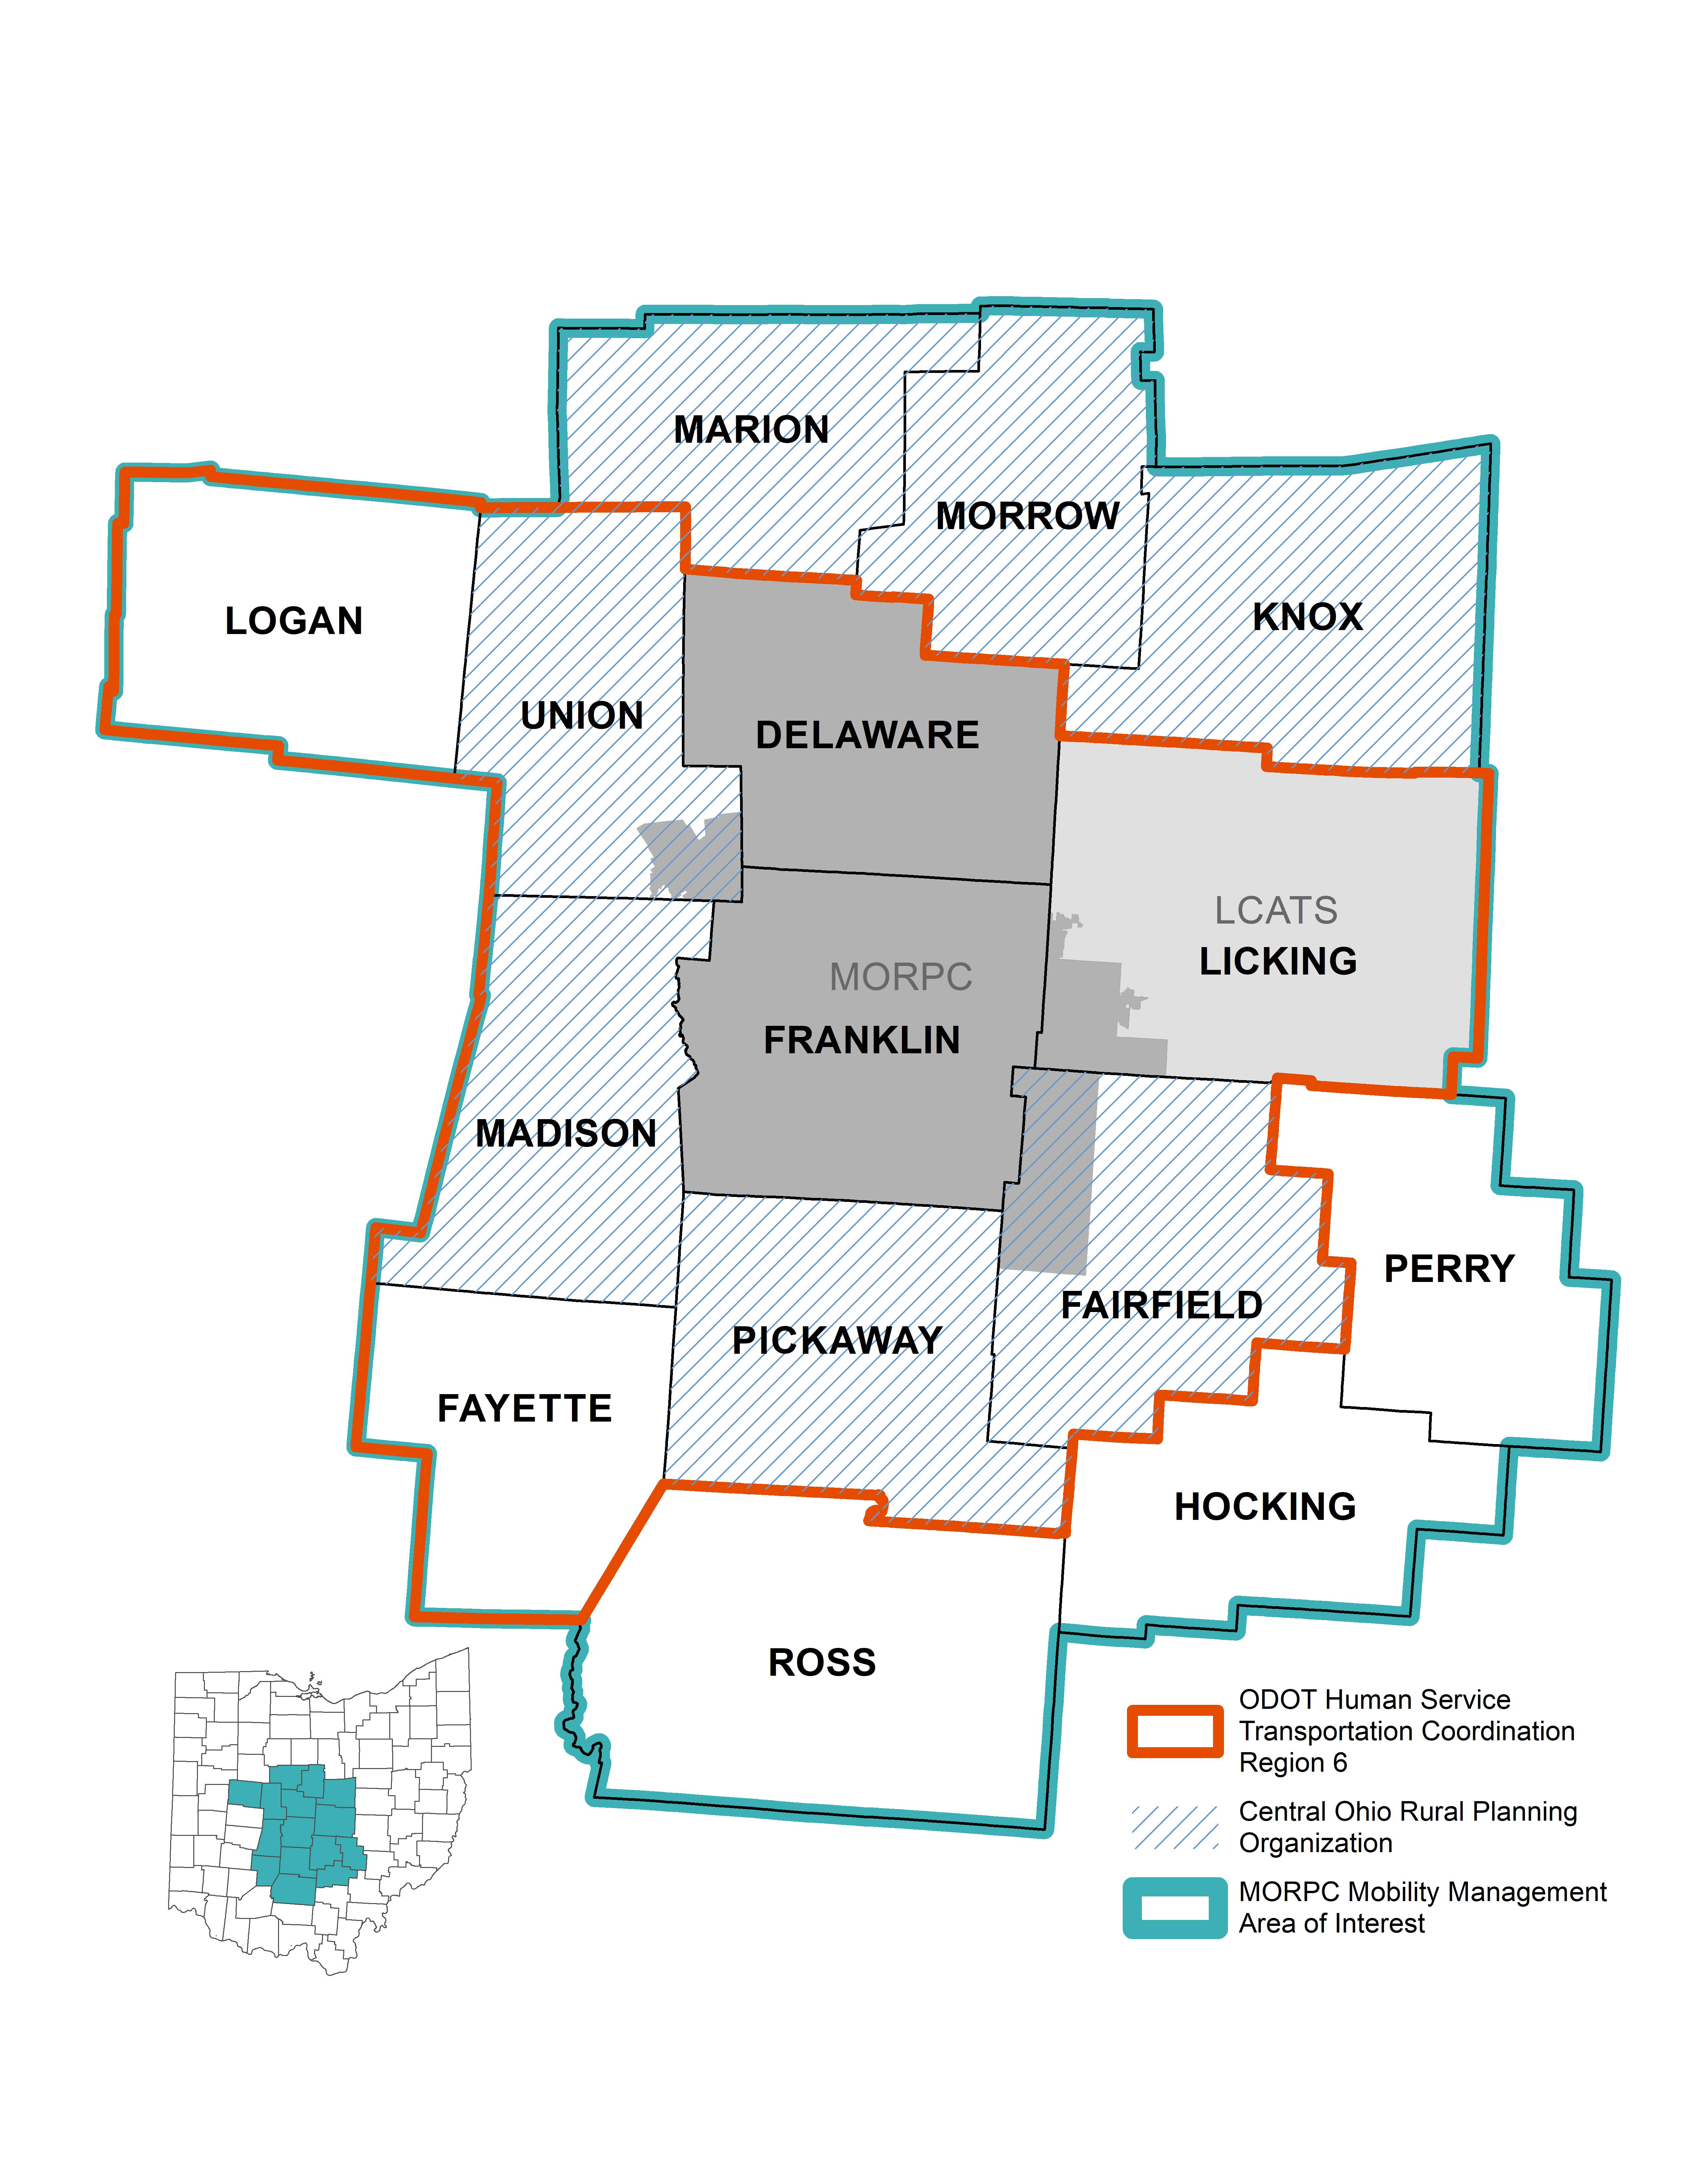 Mapa de referencia: Las áreas de interés del tránsito de la MORPC incluyen los condados a los que se hace referencia para completar el Plan de Movilidad Regional.